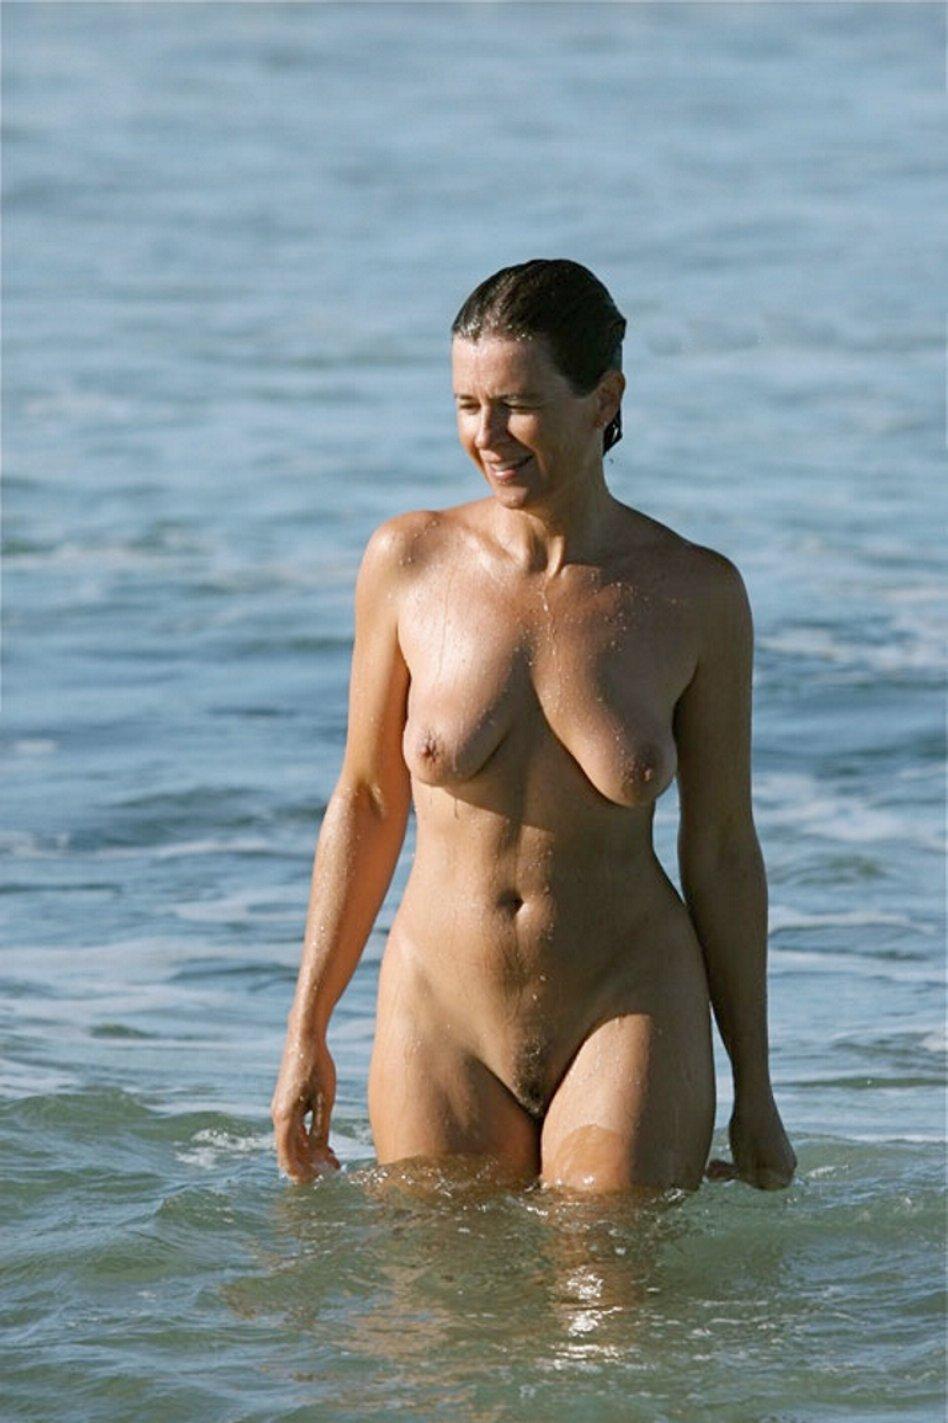 nude beach voyeur gallery